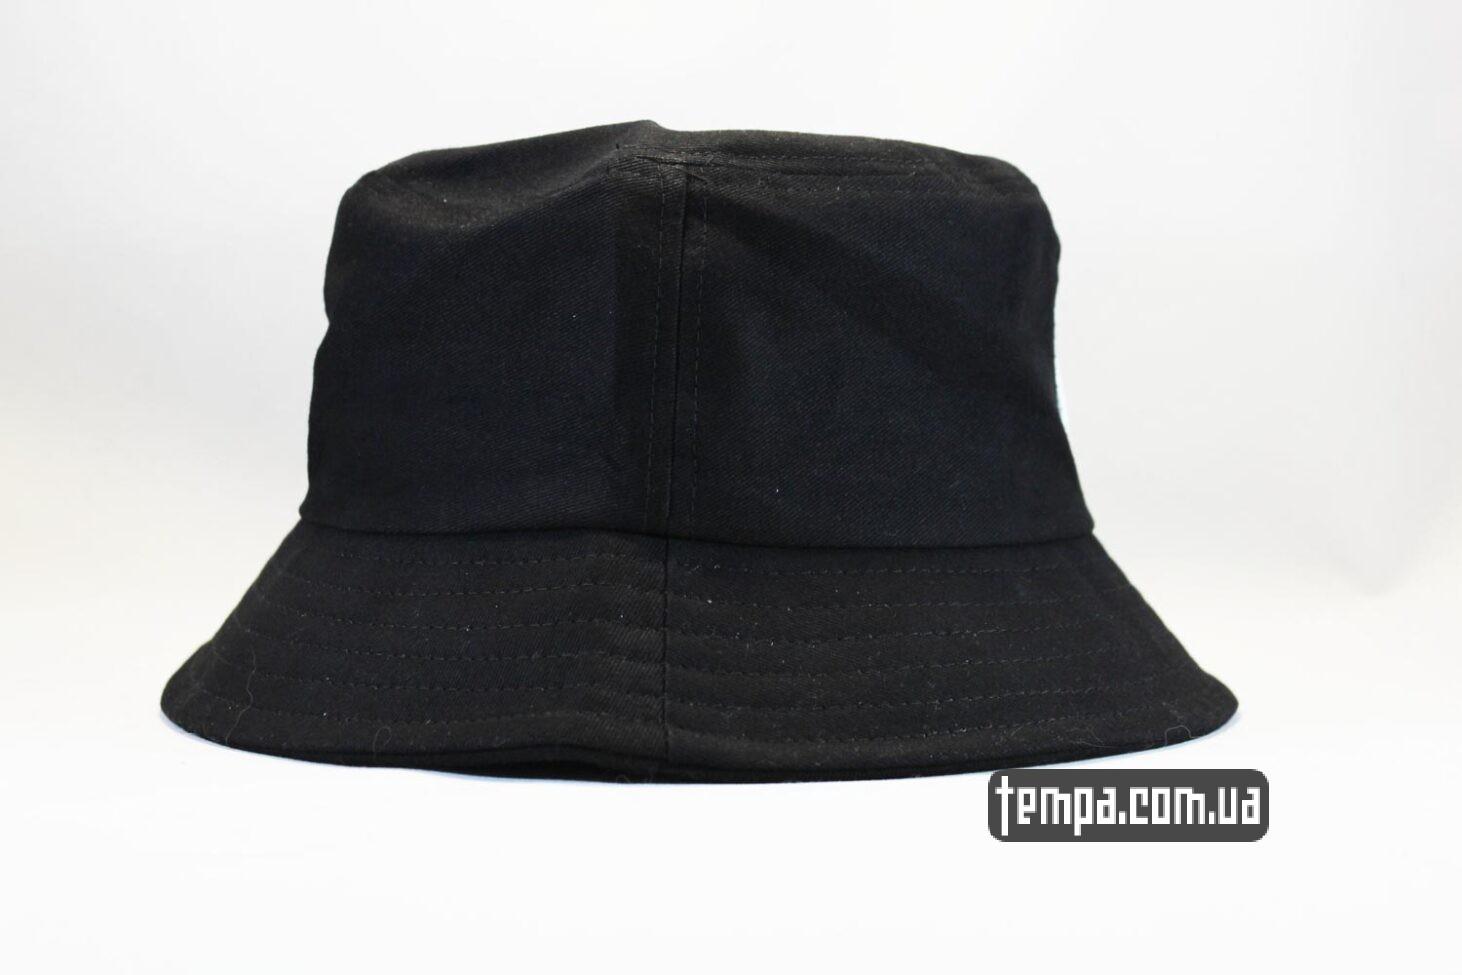 панама мужская черная New York NY Yankees New Era